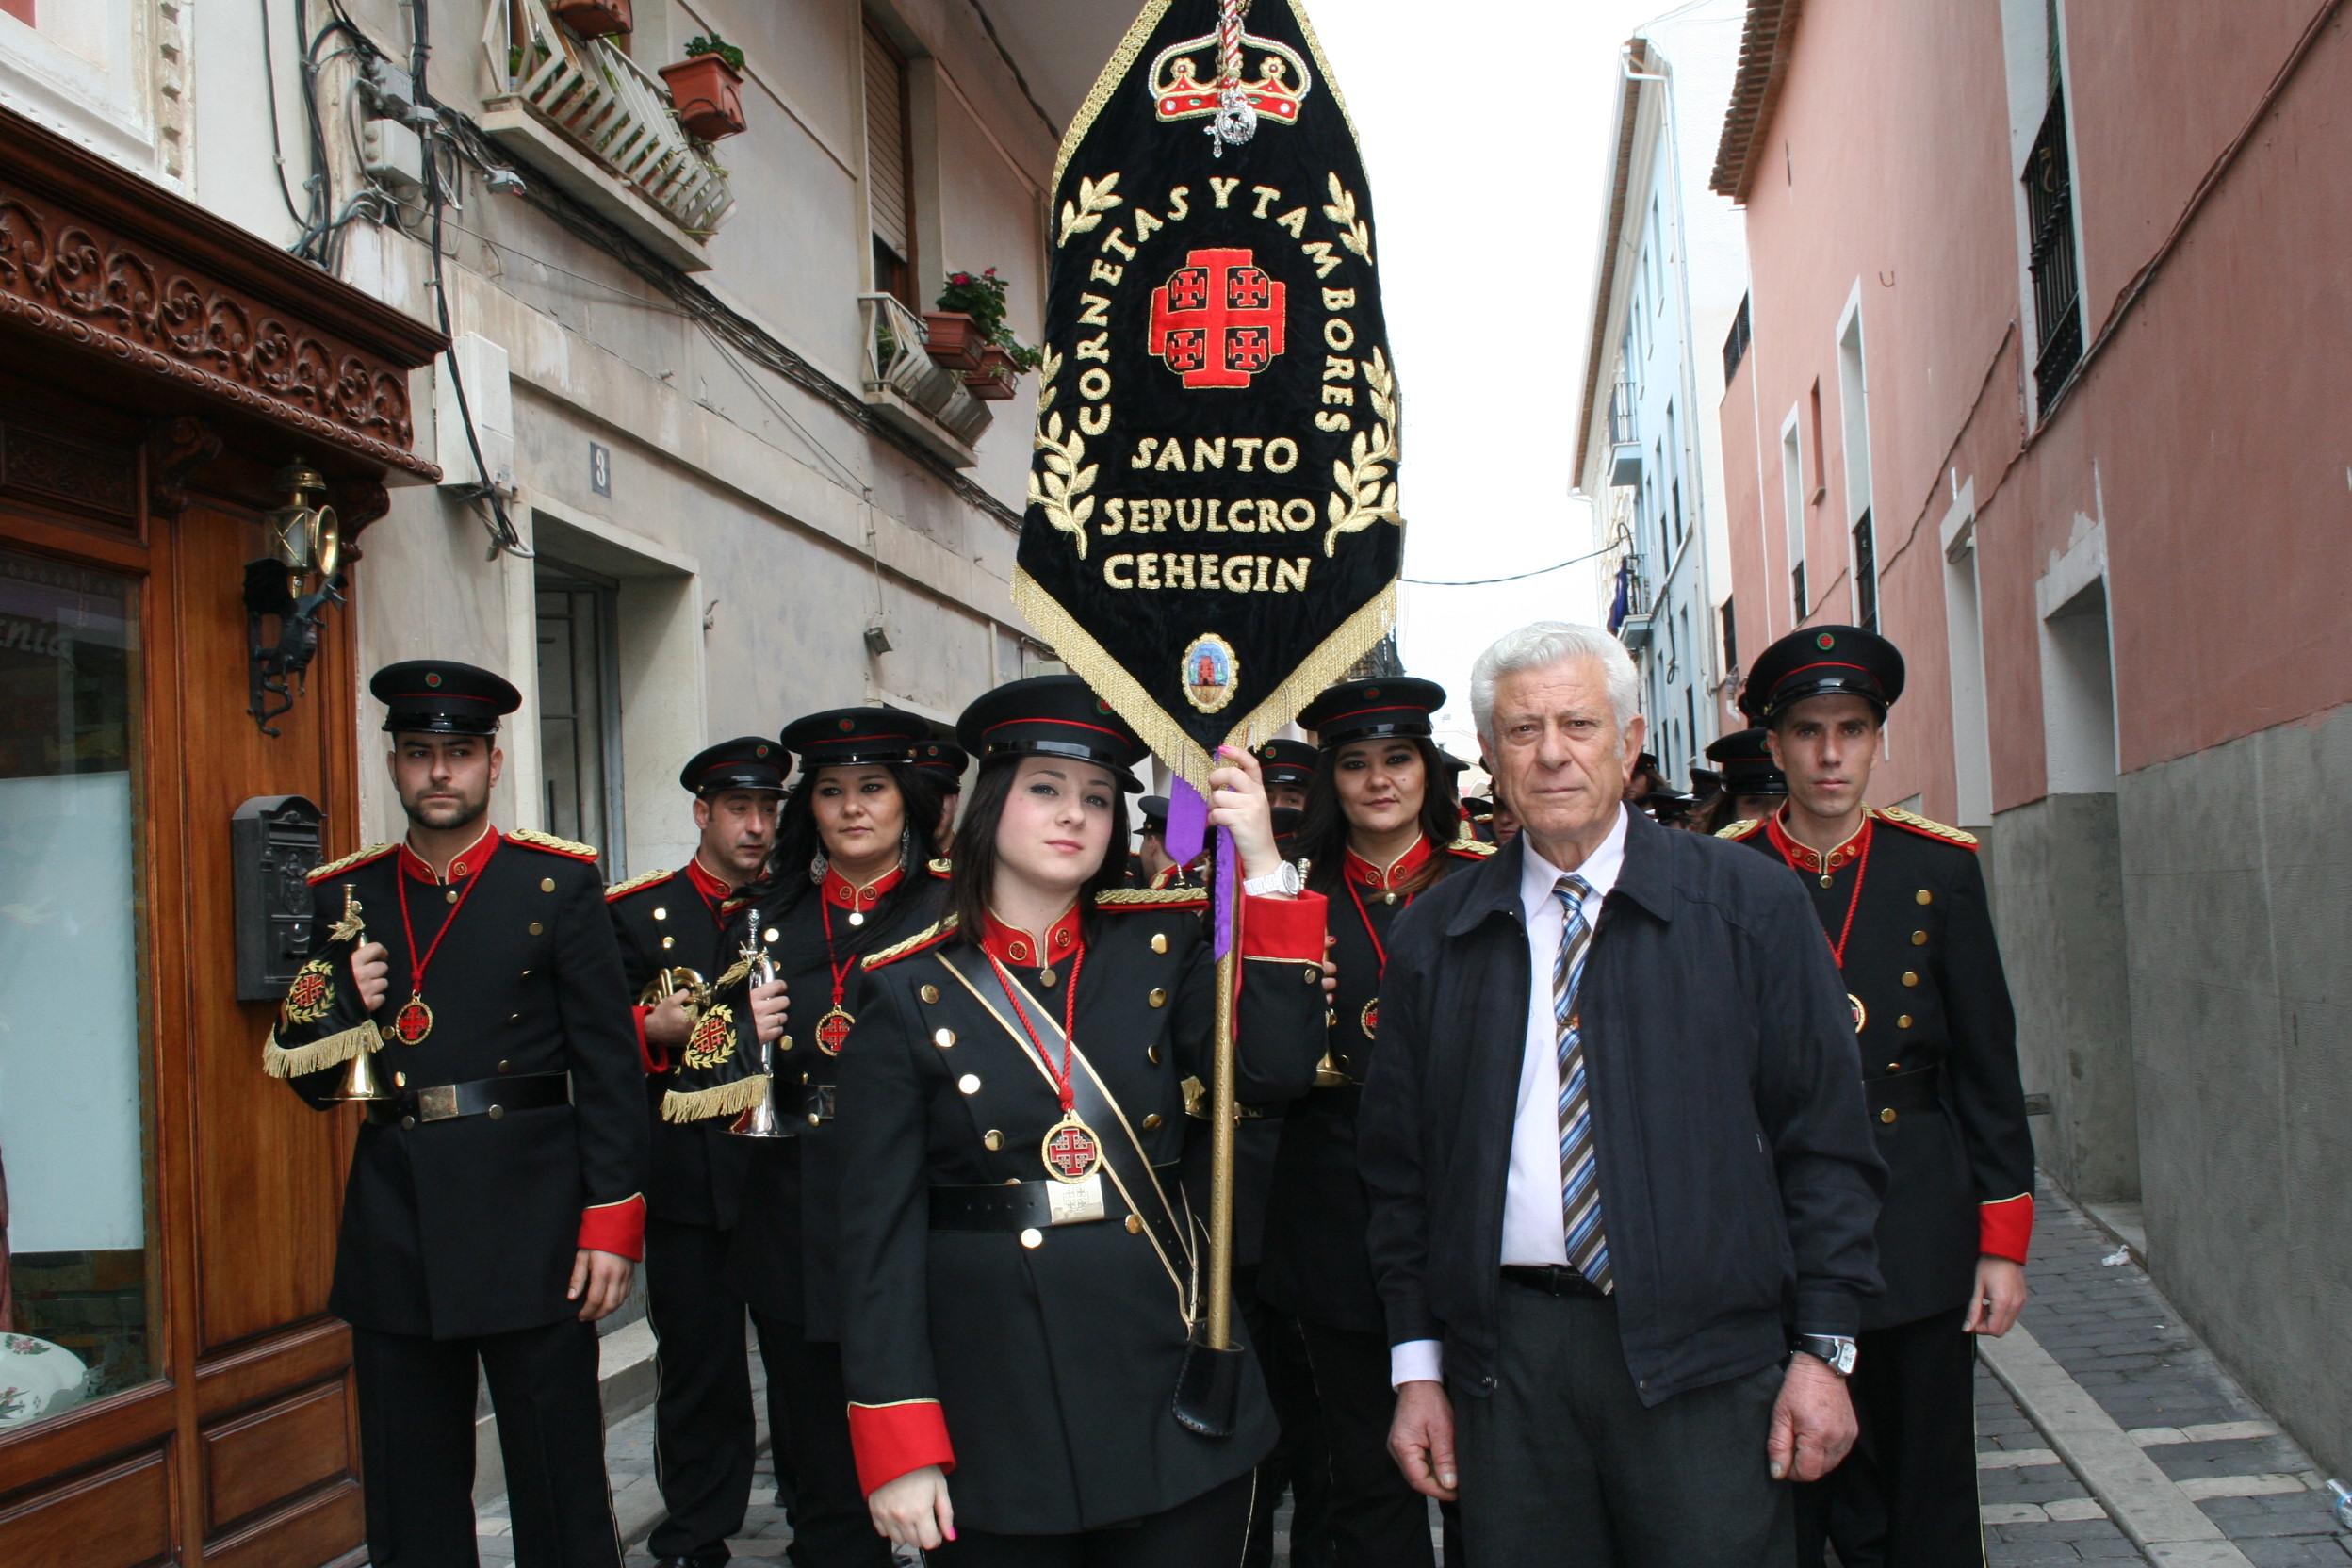 El Ayuntamiento inicia el expediente para poner el nombre de Diego Fernández Llorente 'El Zapatero' a una placeta